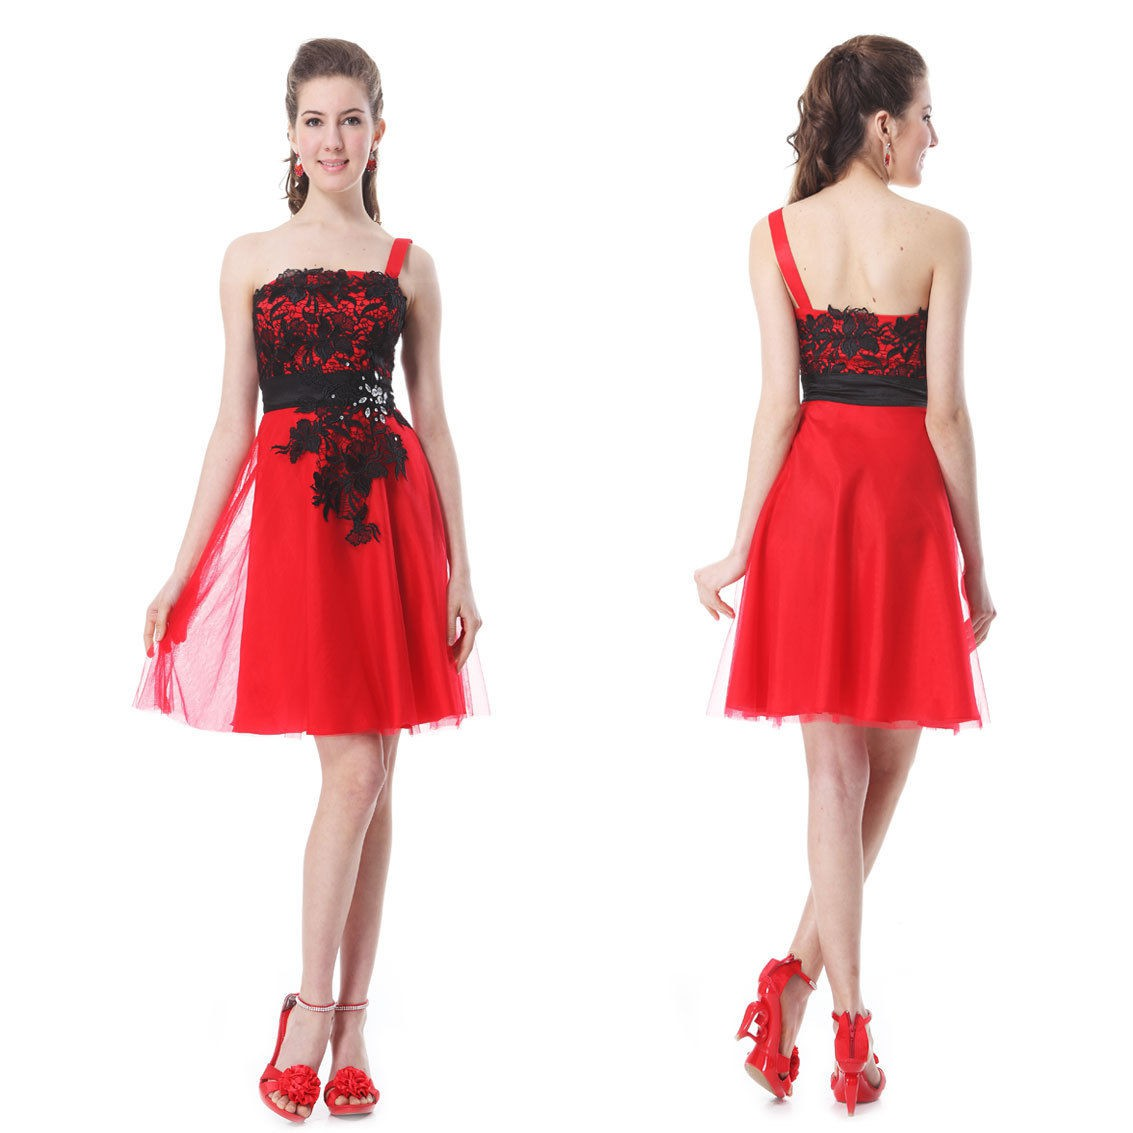 d1f3ca90ee1 červené krátké společenské šaty s černou krajkou na jedno ramínko Silva XXL  - Hollywood Style E-Shop - plesové a svatební šaty